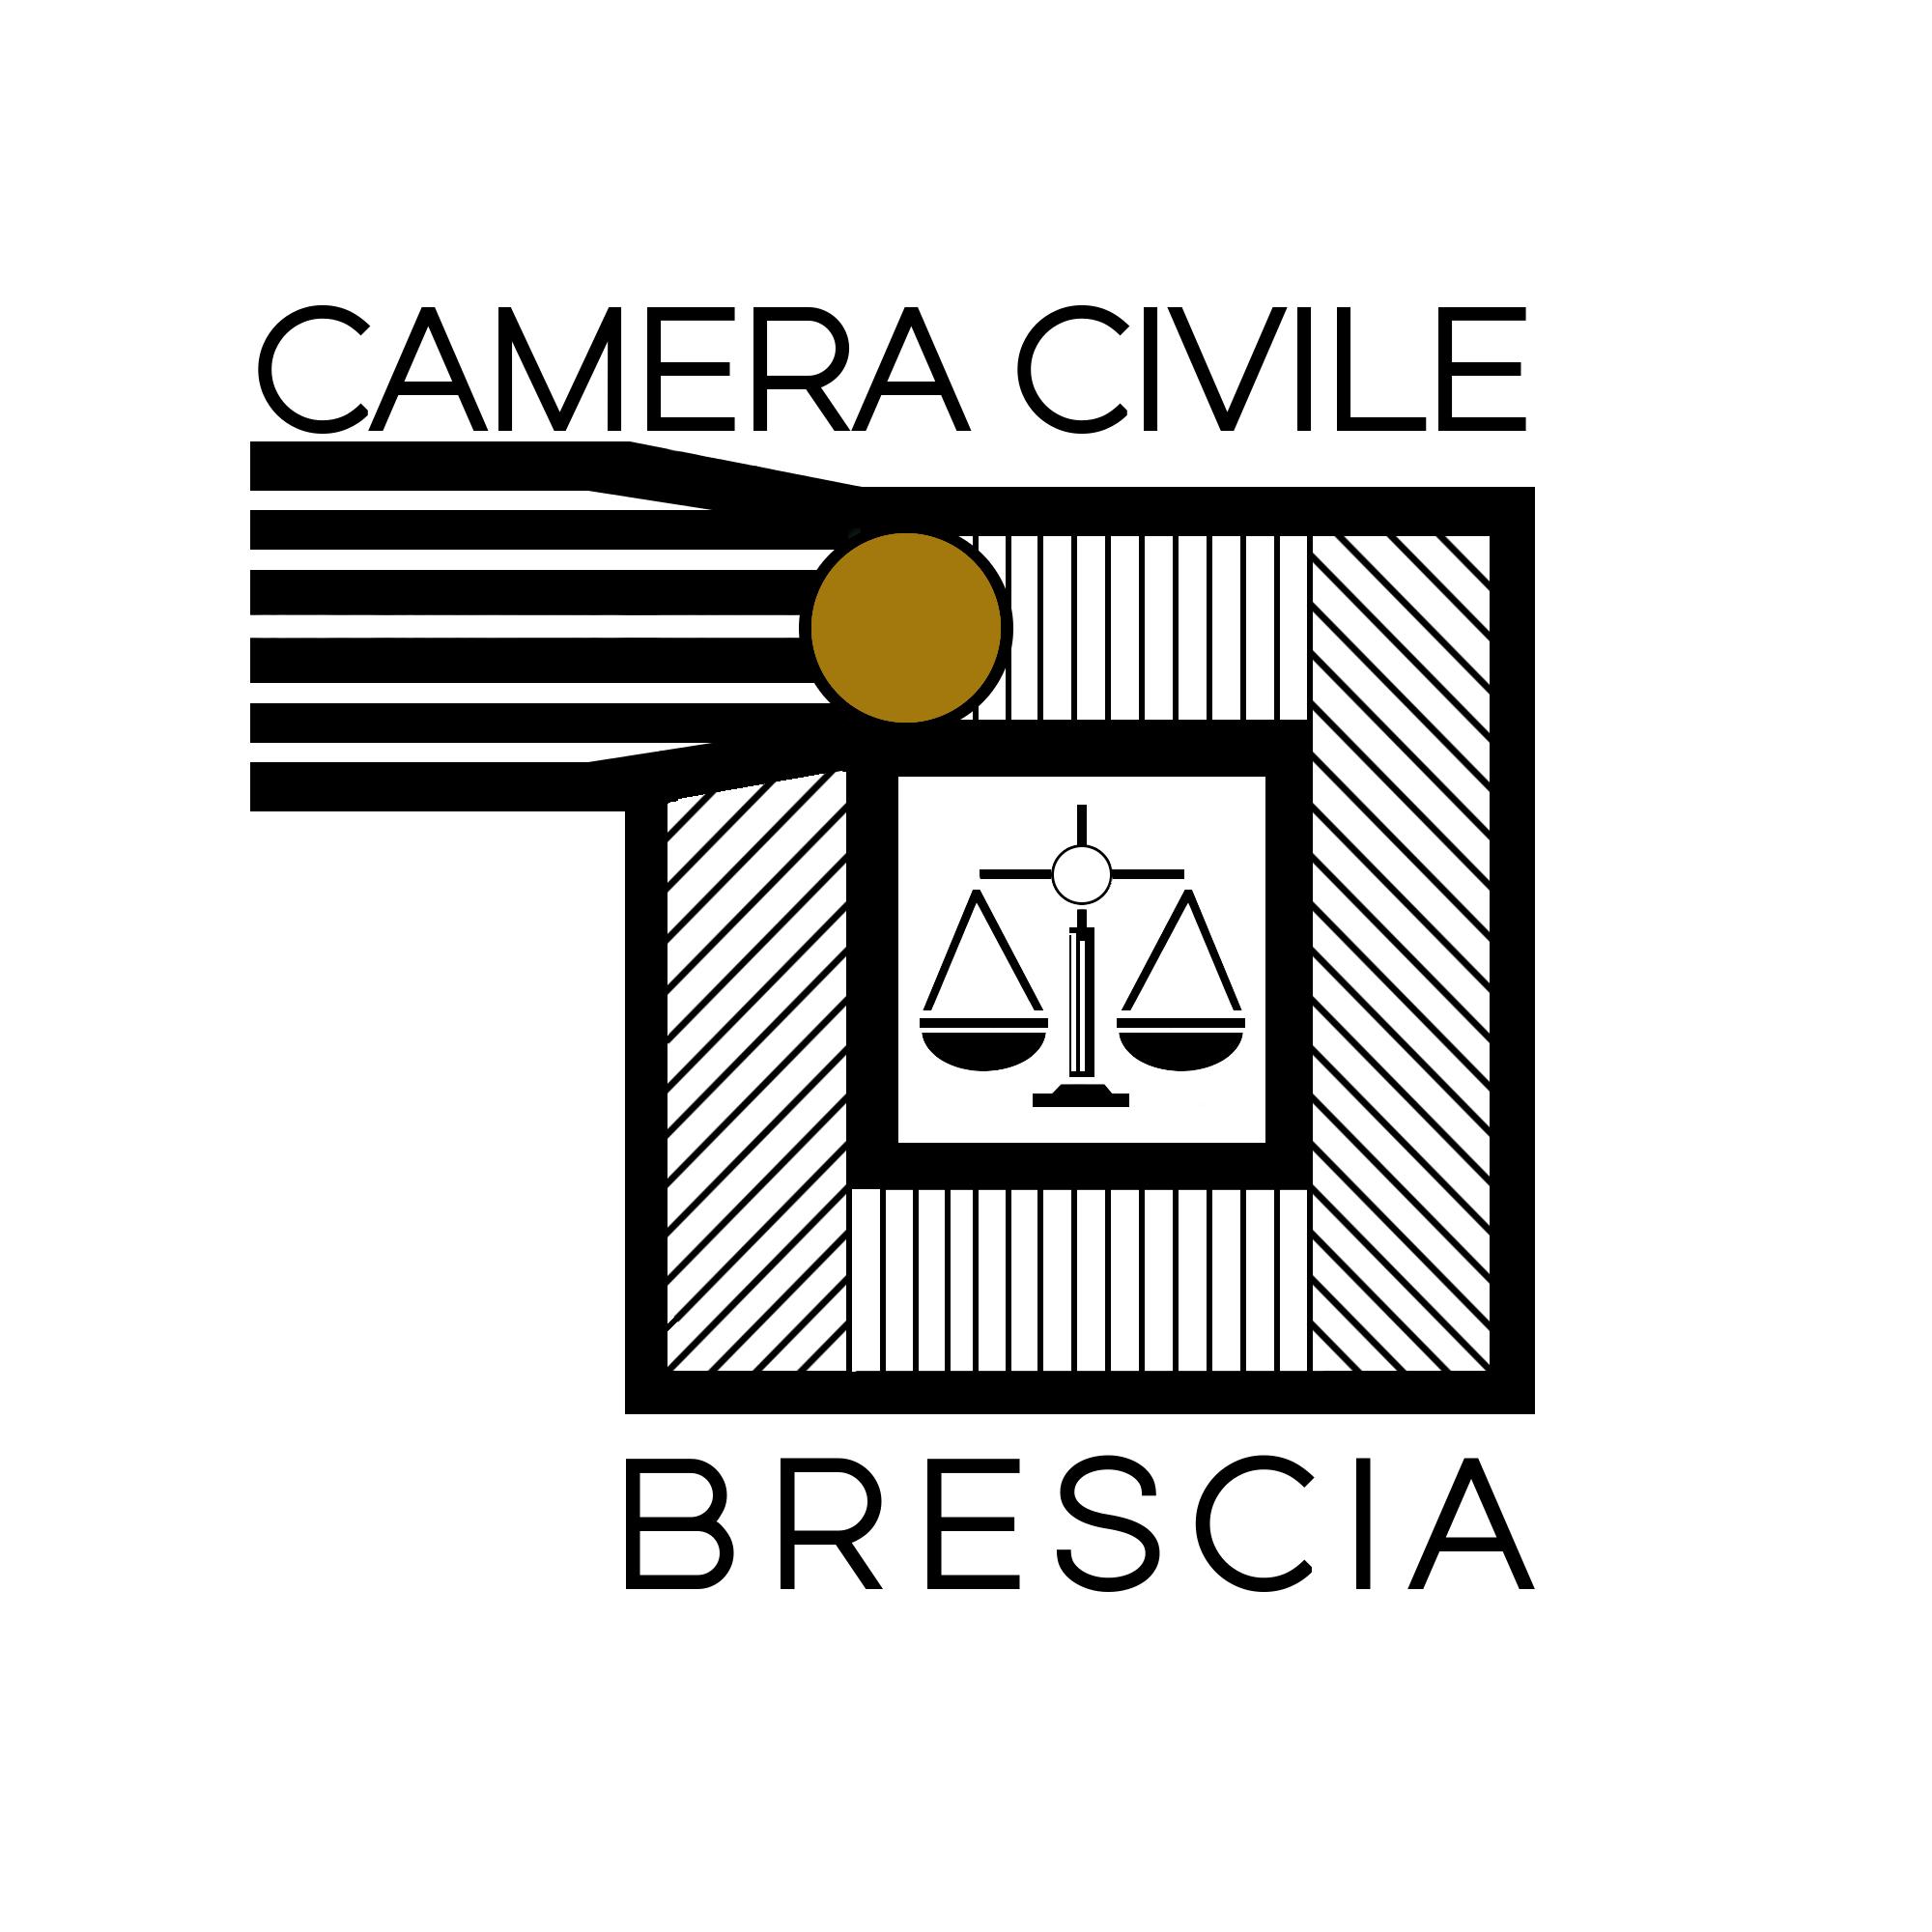 Camera Civile di Brescia logo